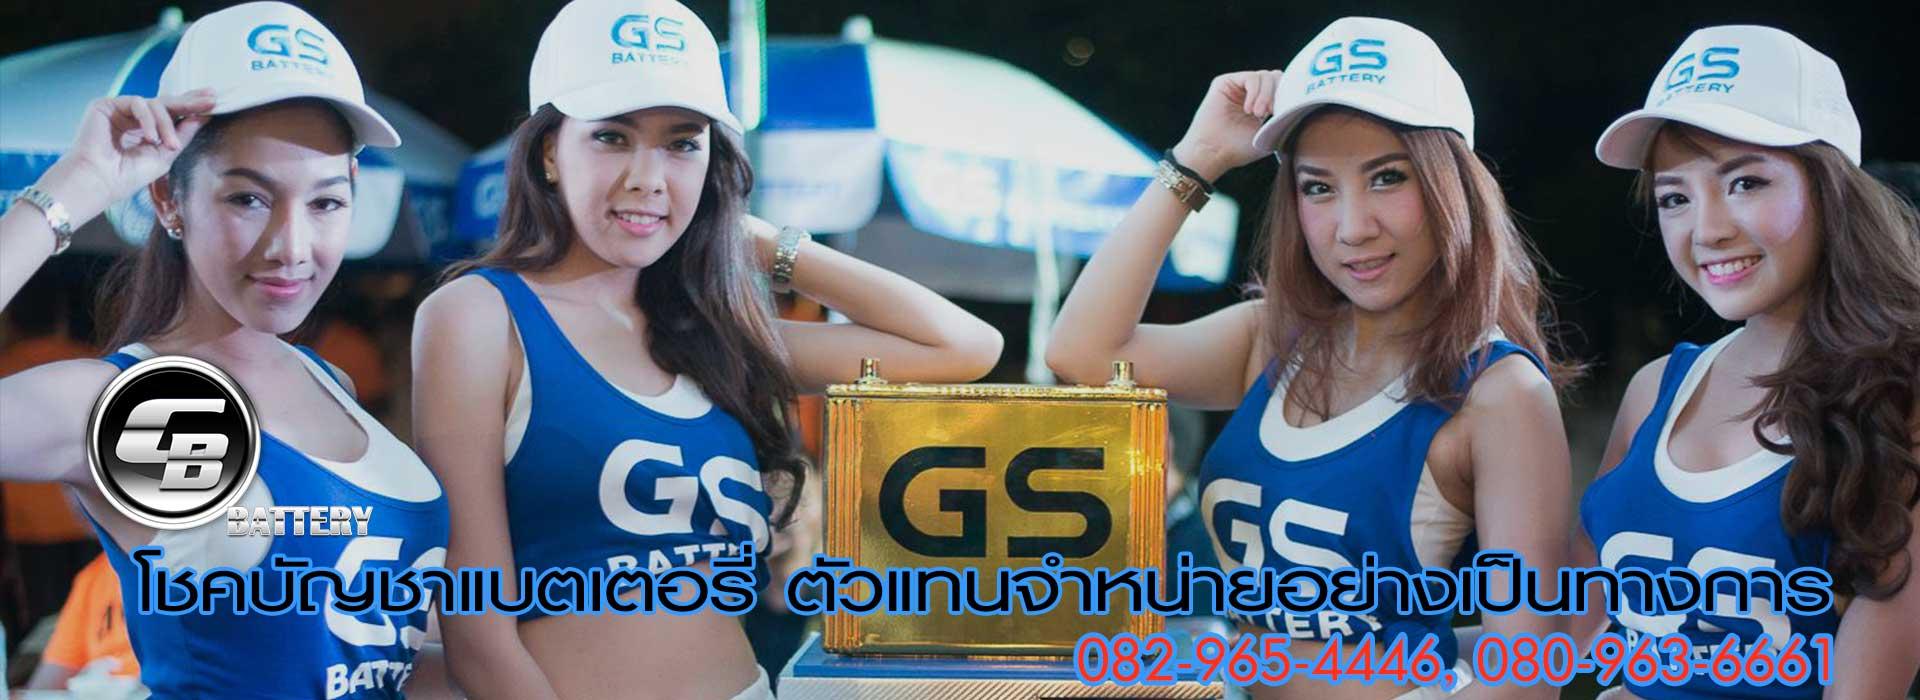 ราคาแบตเตอรี่รถยนต์ GS